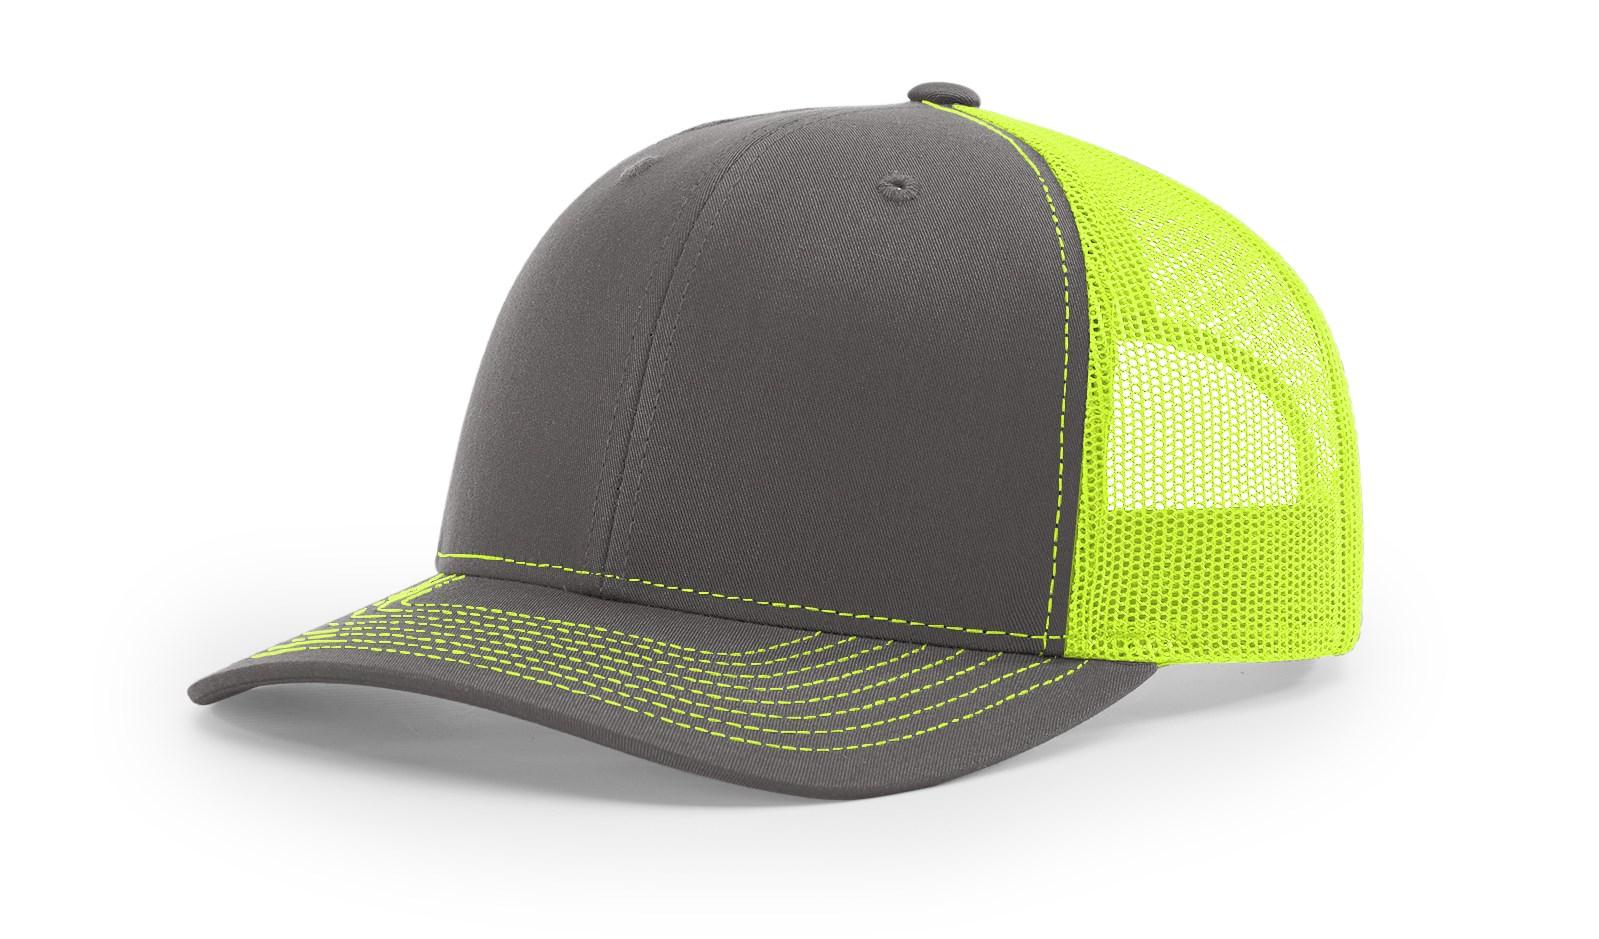 Charcoal/Neon Yellow